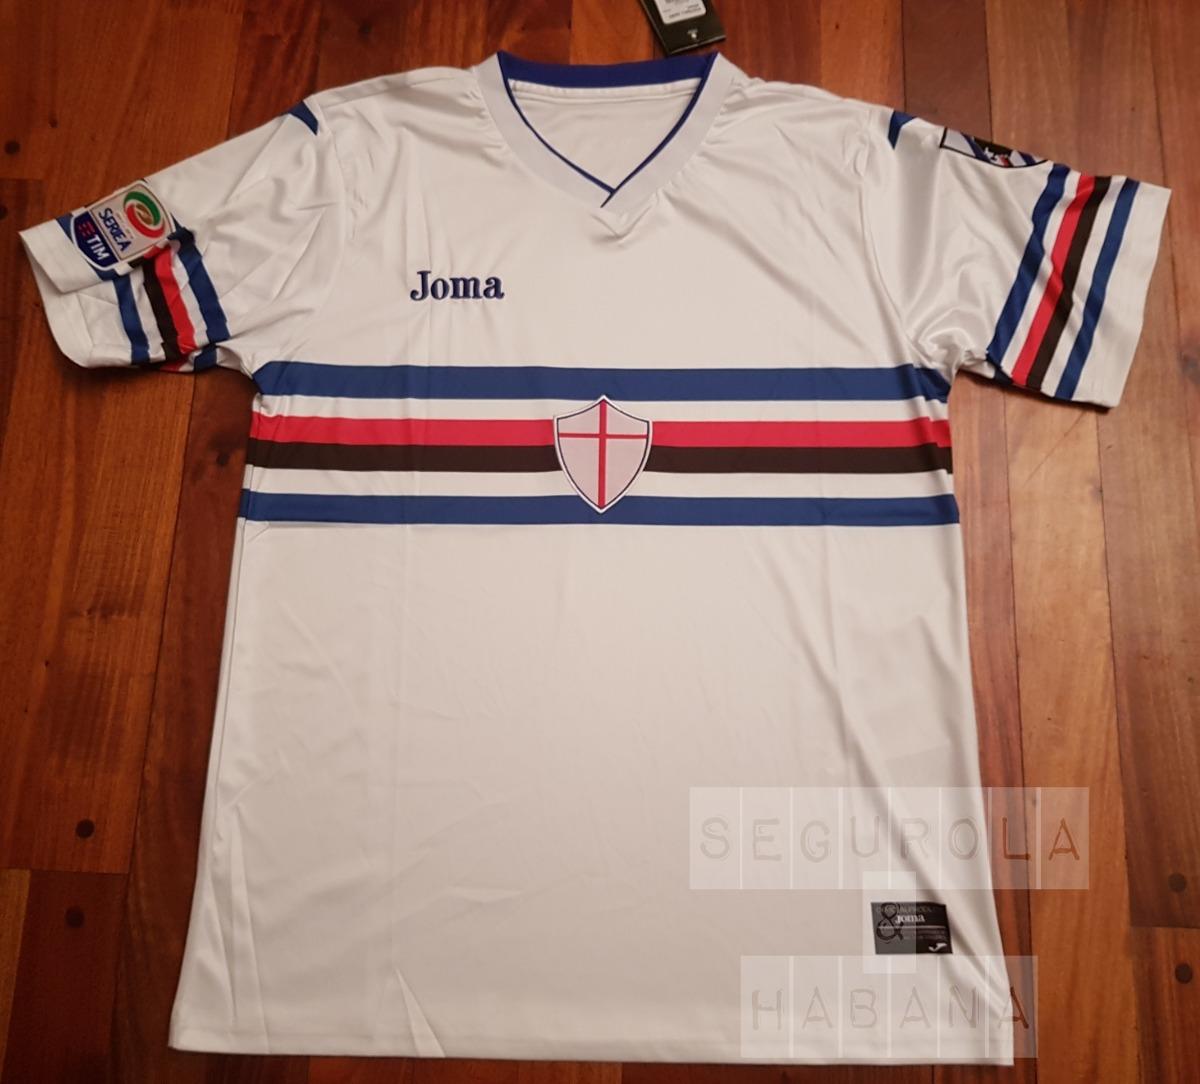 Camiseta Sampdoria 2018 Titular -   999 3ac16a779b393